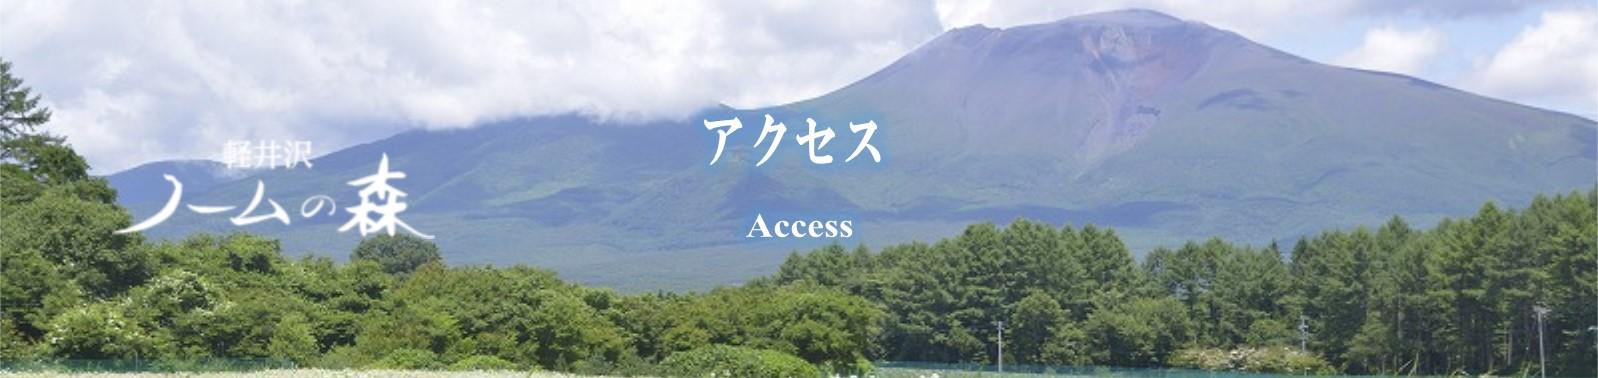 ノームの森・アクセス